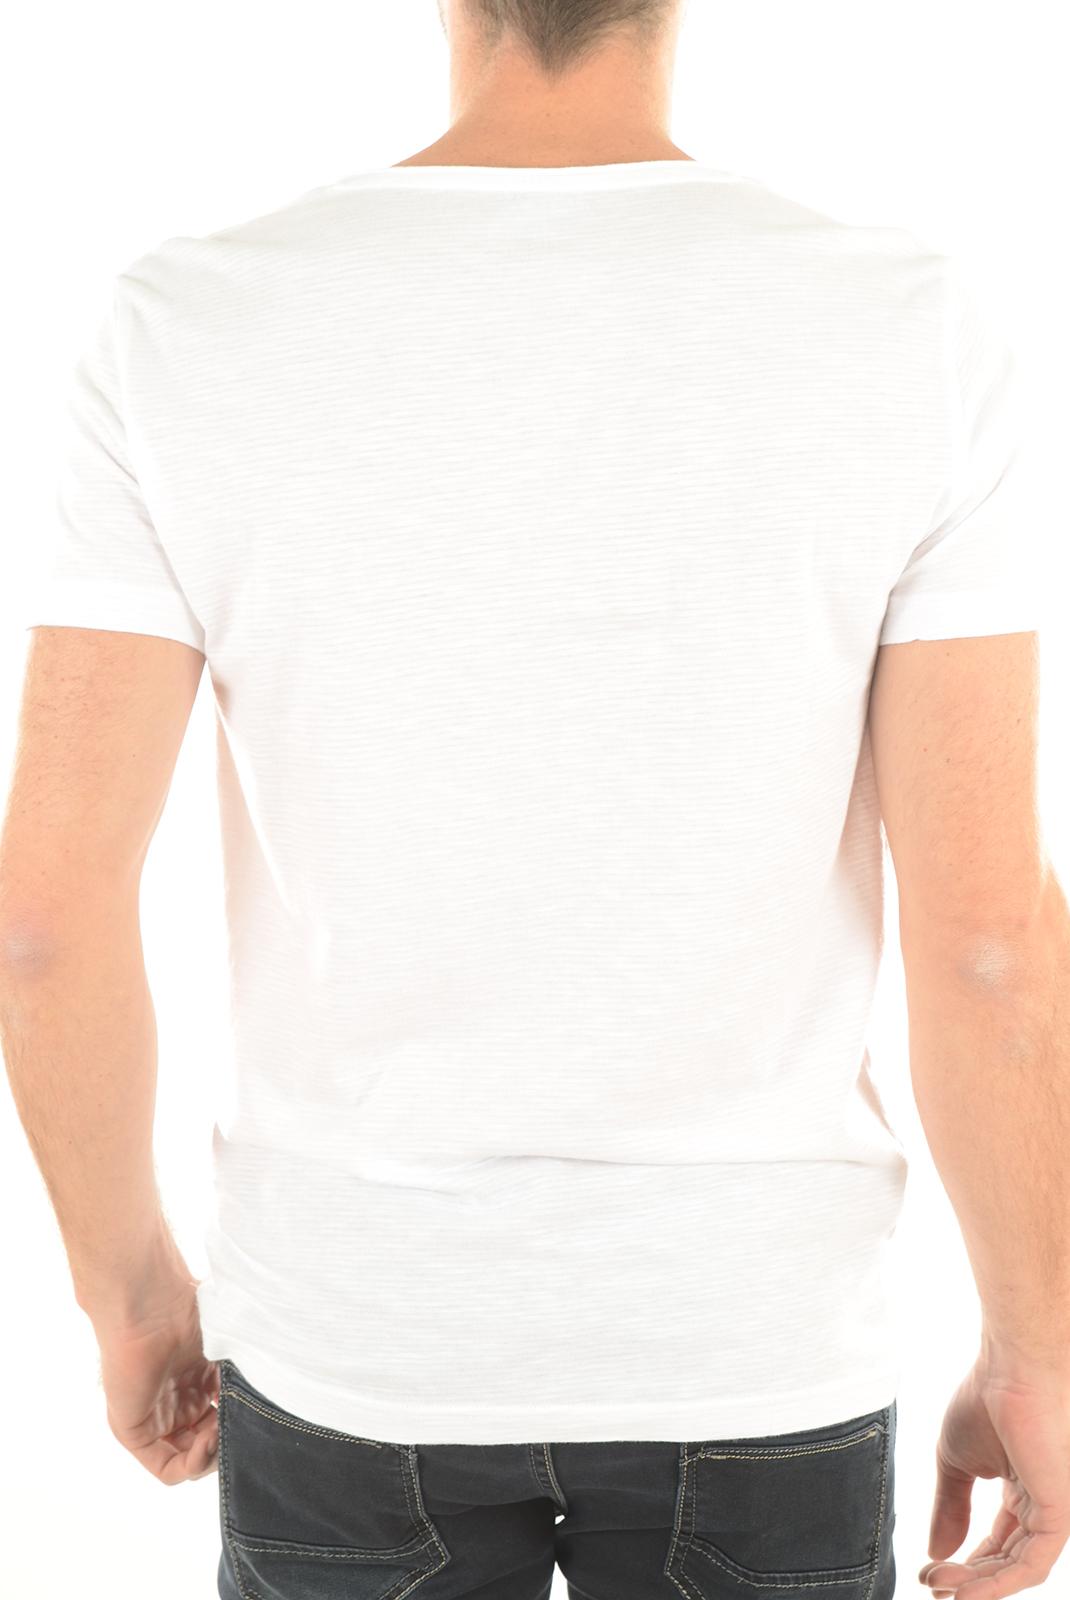 Tee-shirts manches courtes  Emporio armani 903018 6P625 WHITE 00010